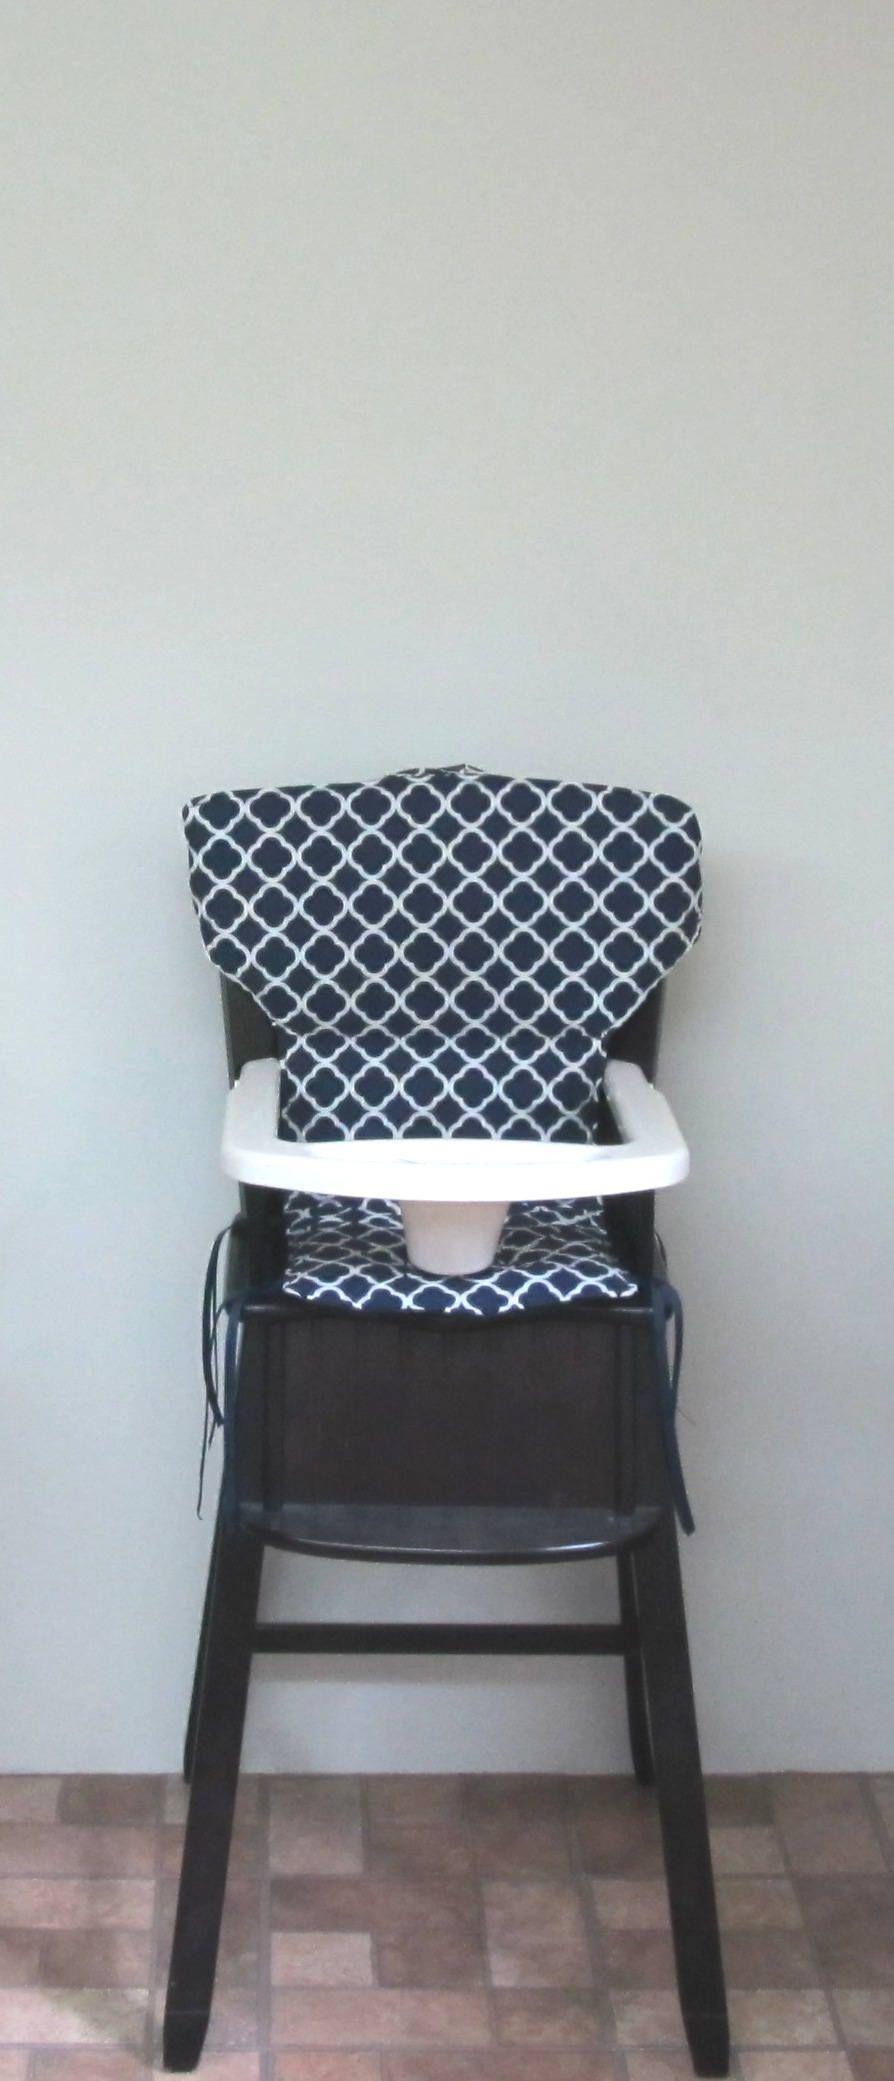 Safety First highchair cover, Eddie Bauer Newport